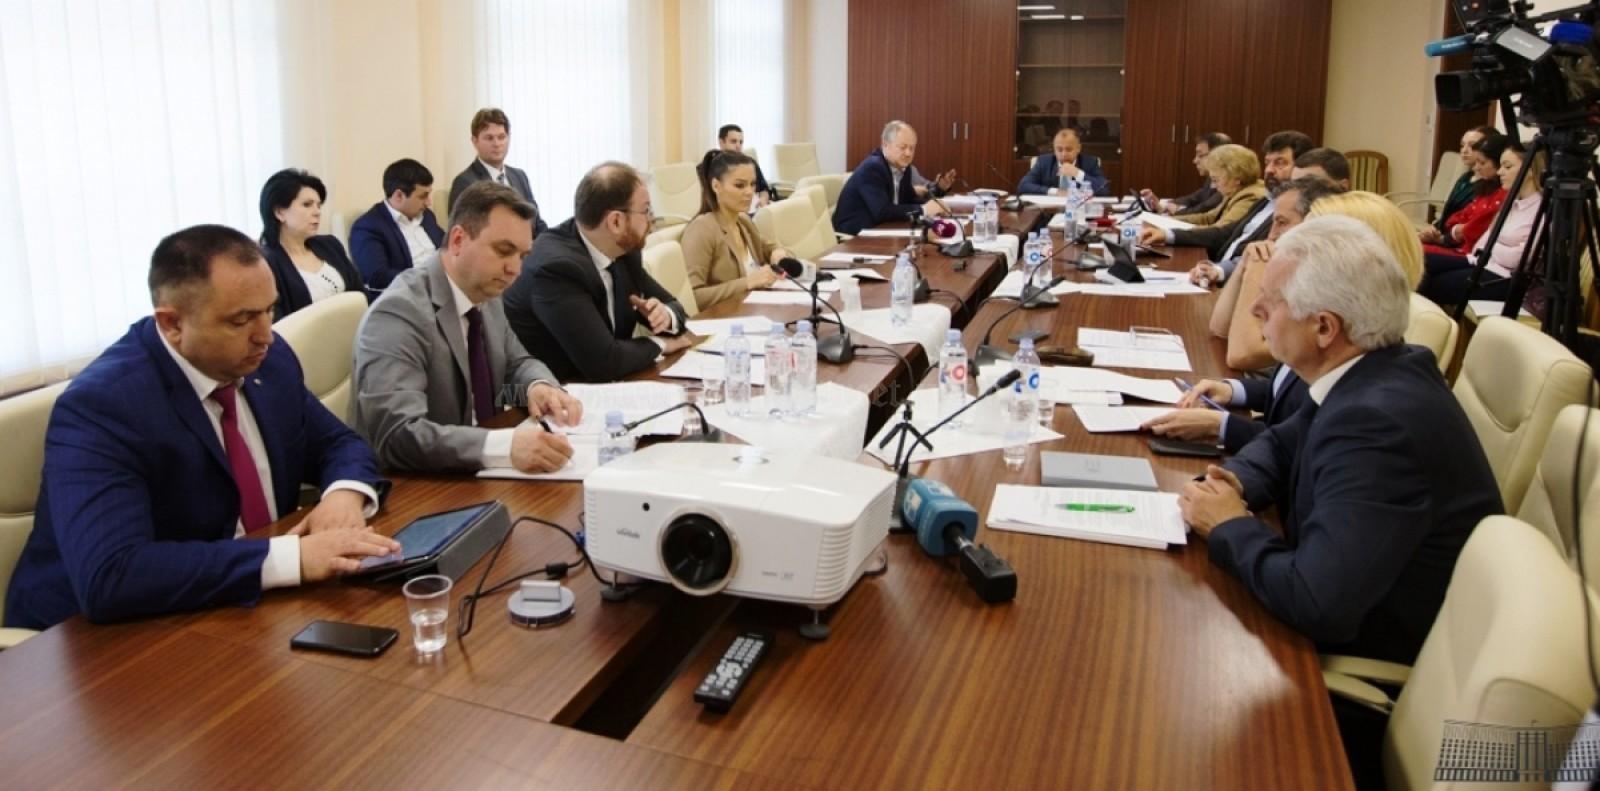 Mold-street: De ce cele mai mari trei bănci din Moldova rămân sub supravegherea intensivă a Băncii Naţionale